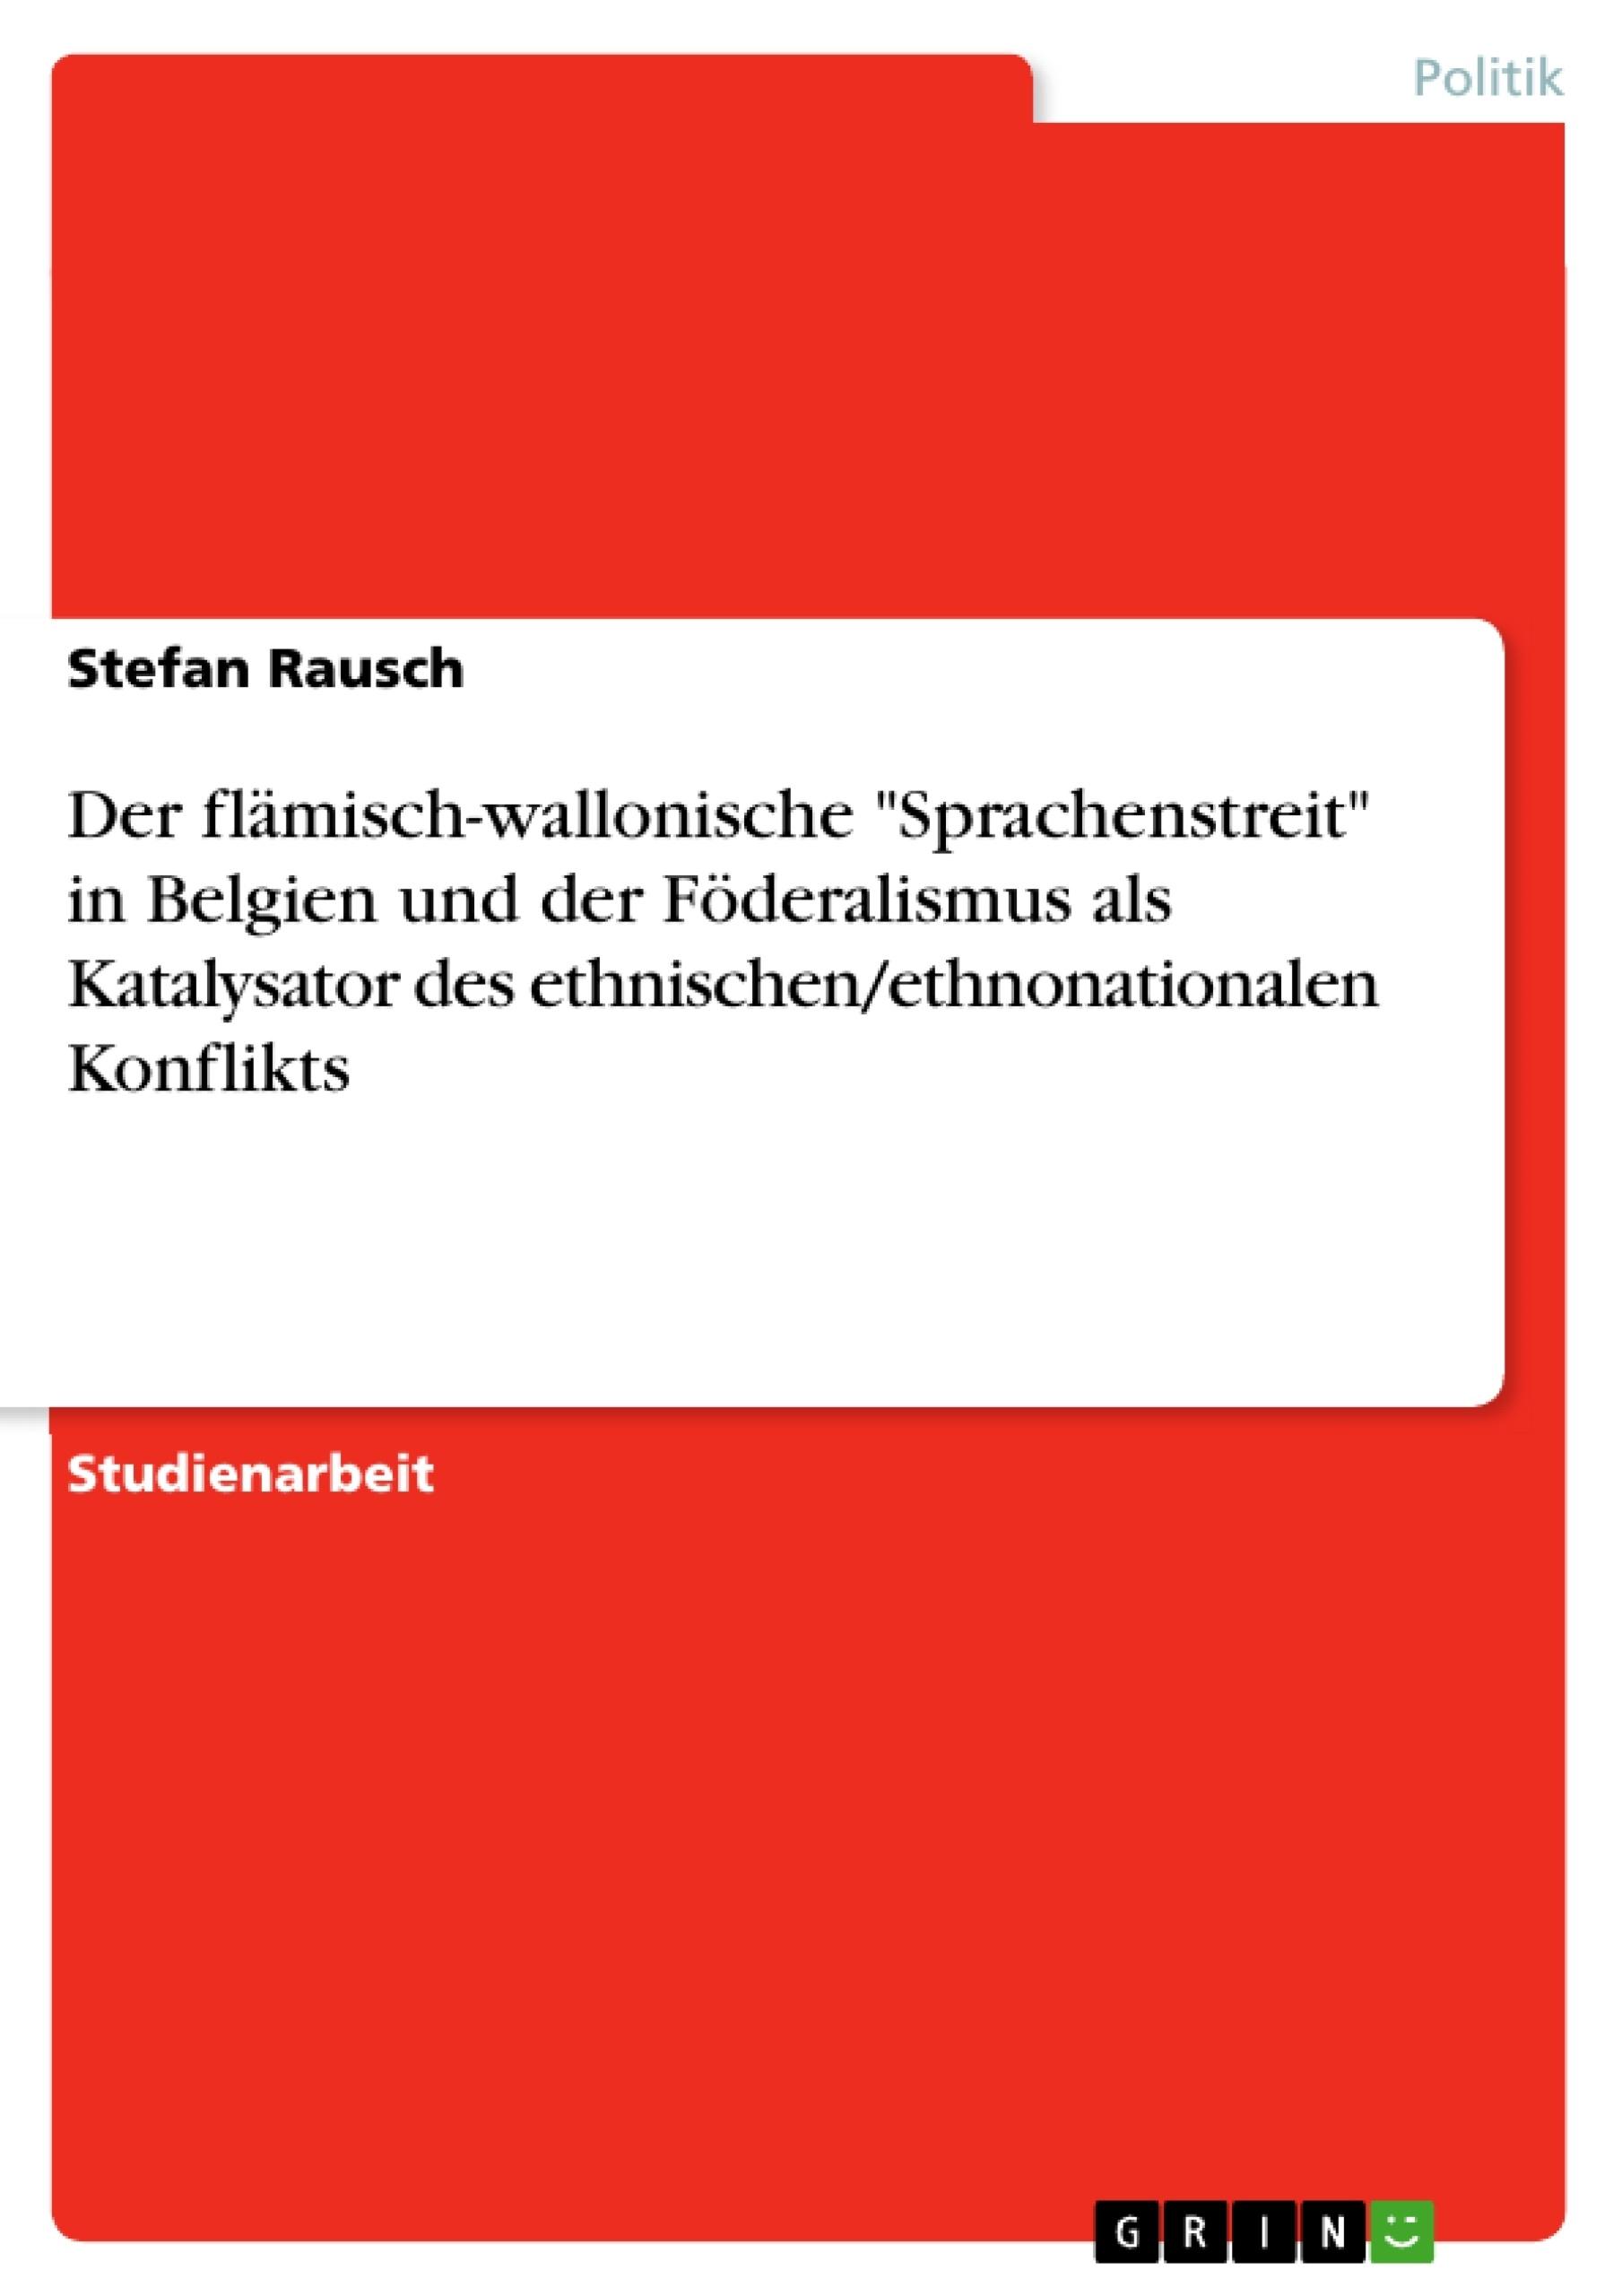 """Titel: Der flämisch-wallonische """"Sprachenstreit"""" in Belgien und der Föderalismus als Katalysator des ethnischen/ethnonationalen Konflikts"""